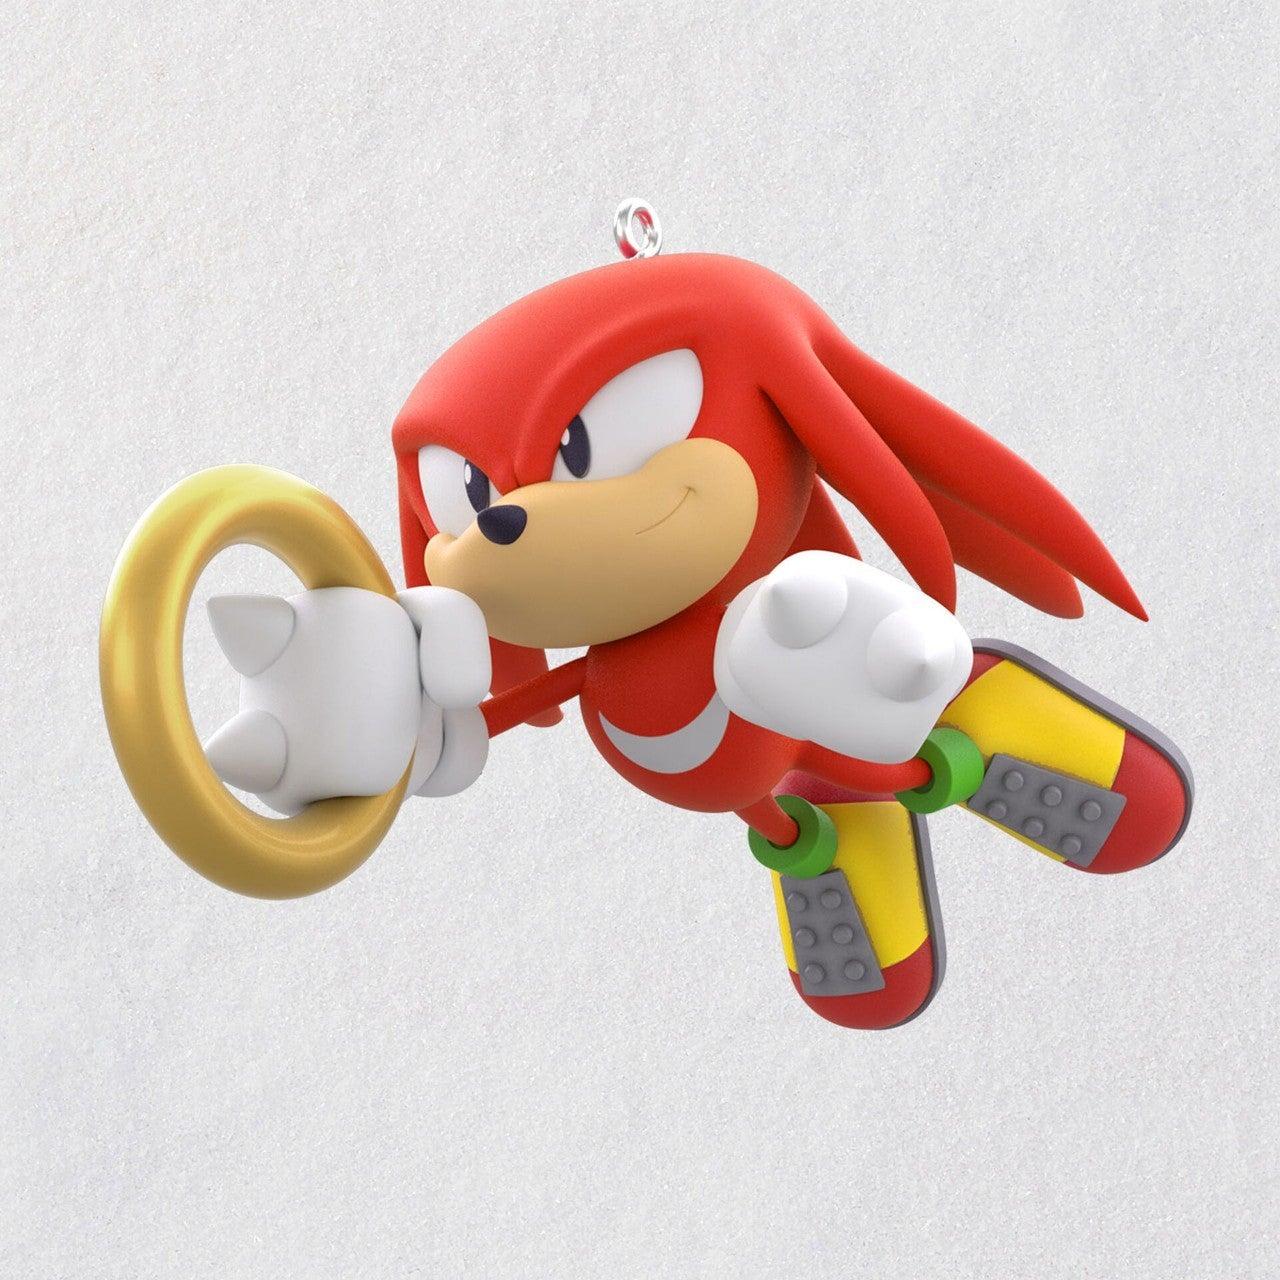 Sonic-the-Hedgehog-Knuckles-Andenken-Ornament_1799QXE3262_01